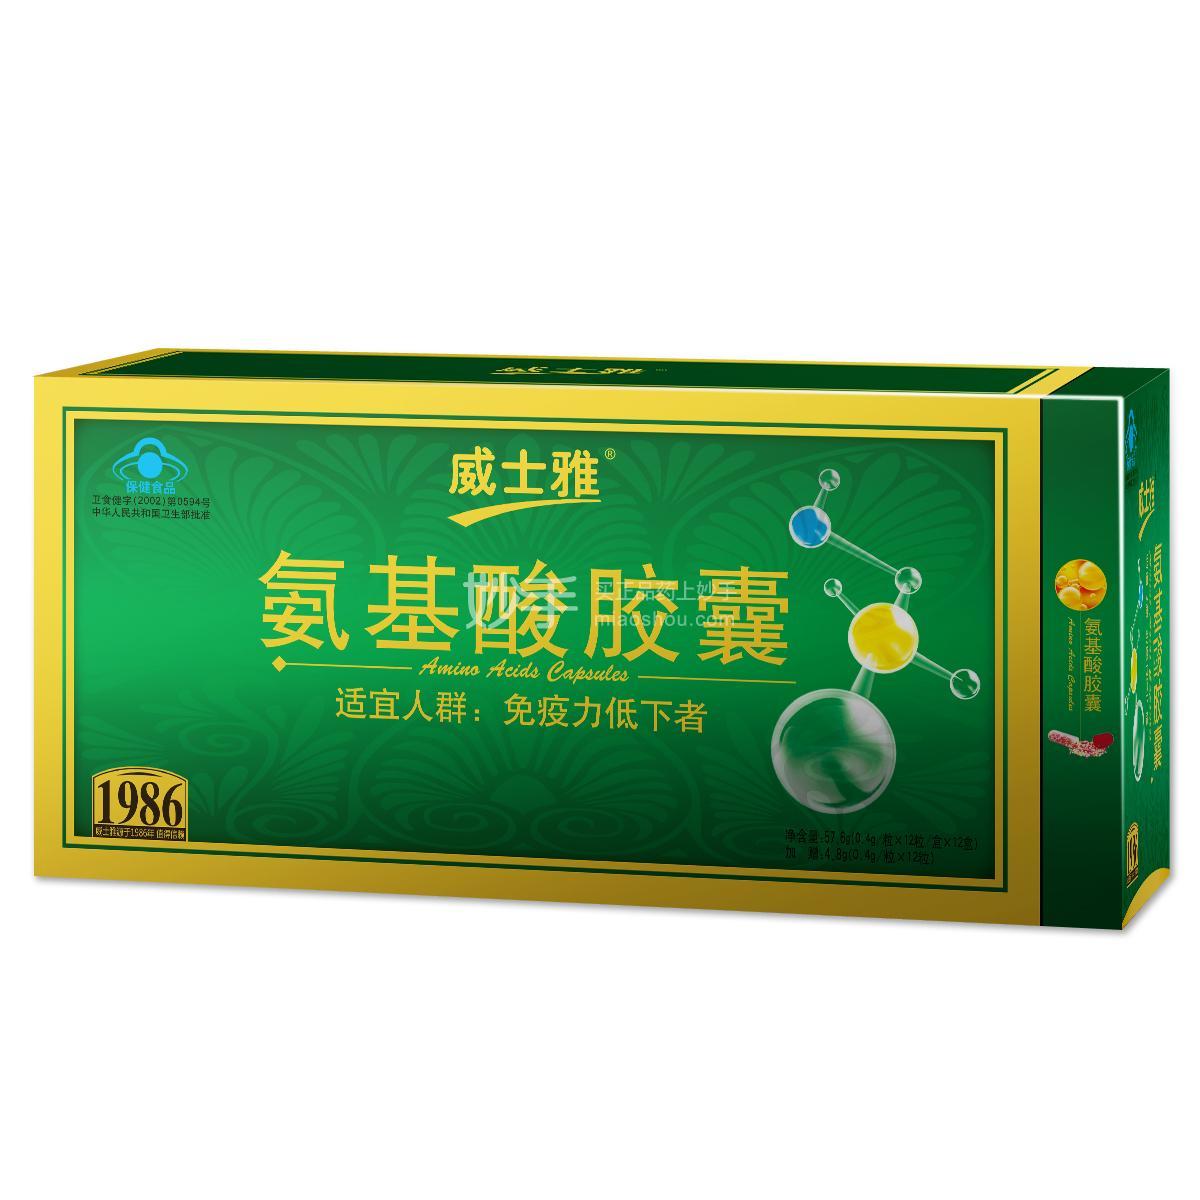 威士雅 氨基酸胶囊 0.4g*12粒